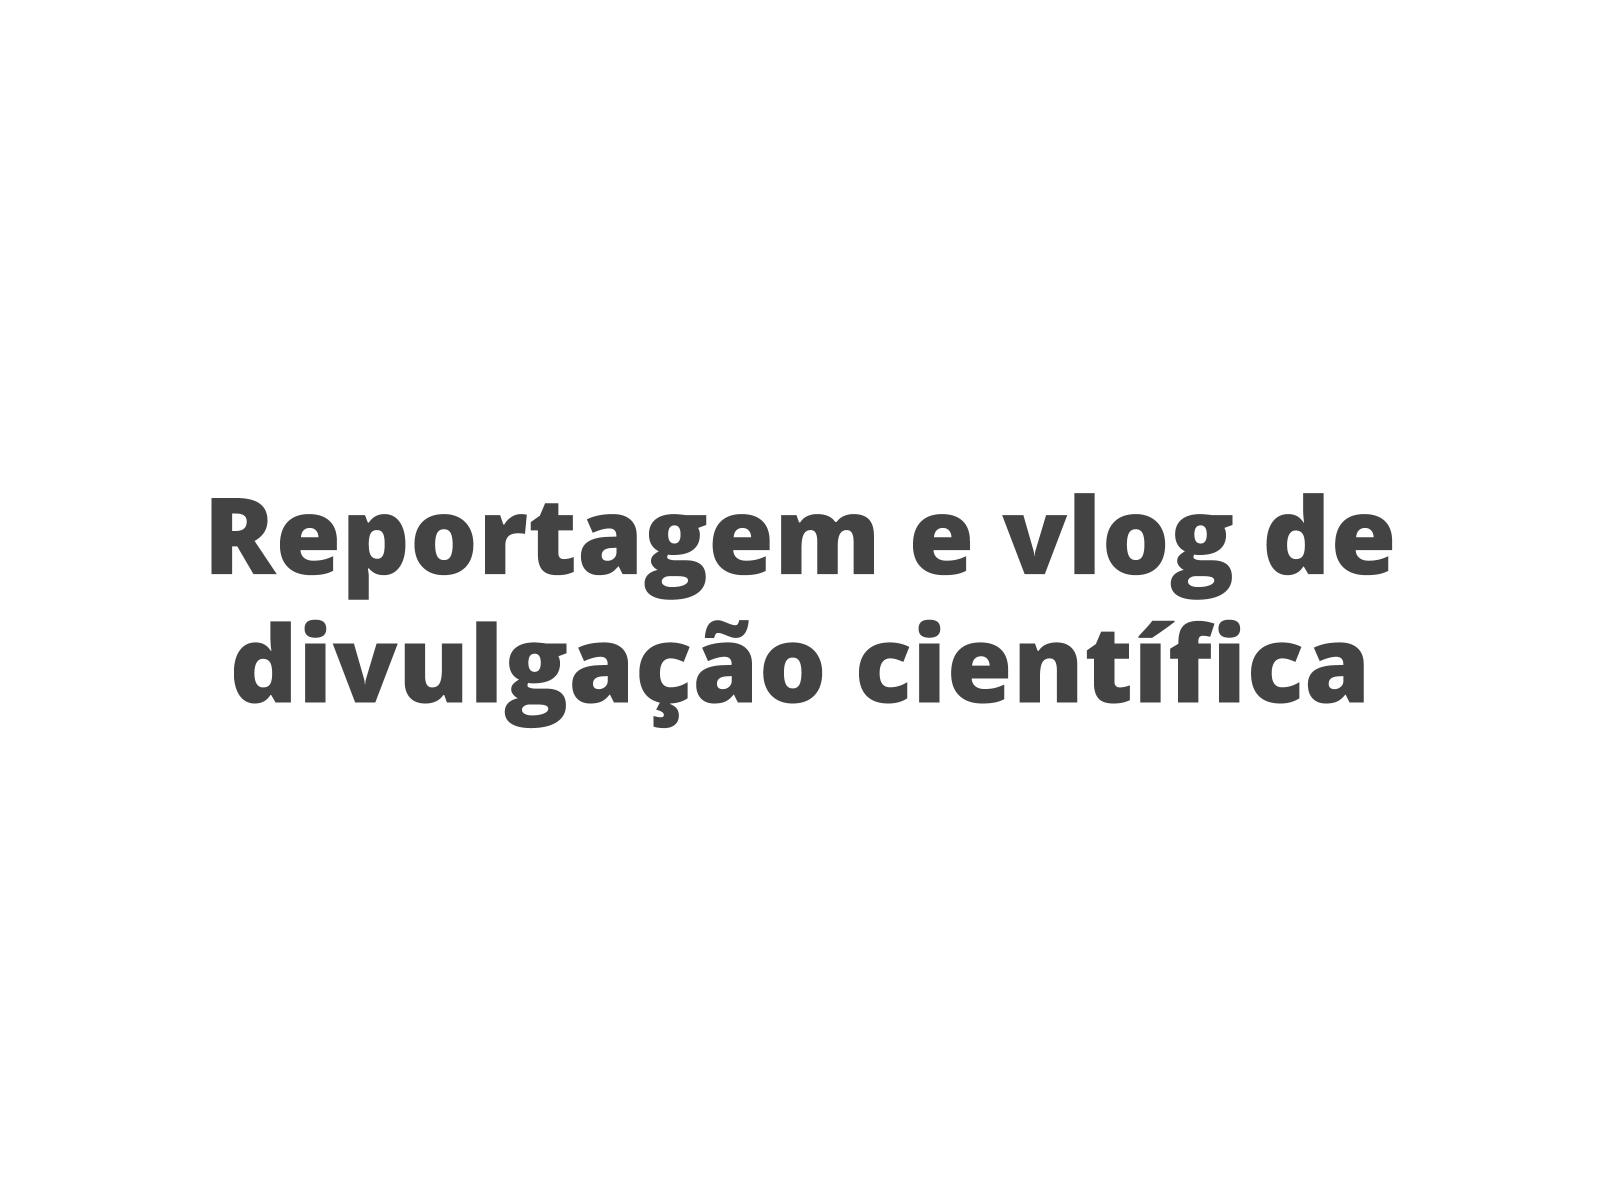 Reportagem de divulgação científica/vlog científico: Conhecendo estes gêneros